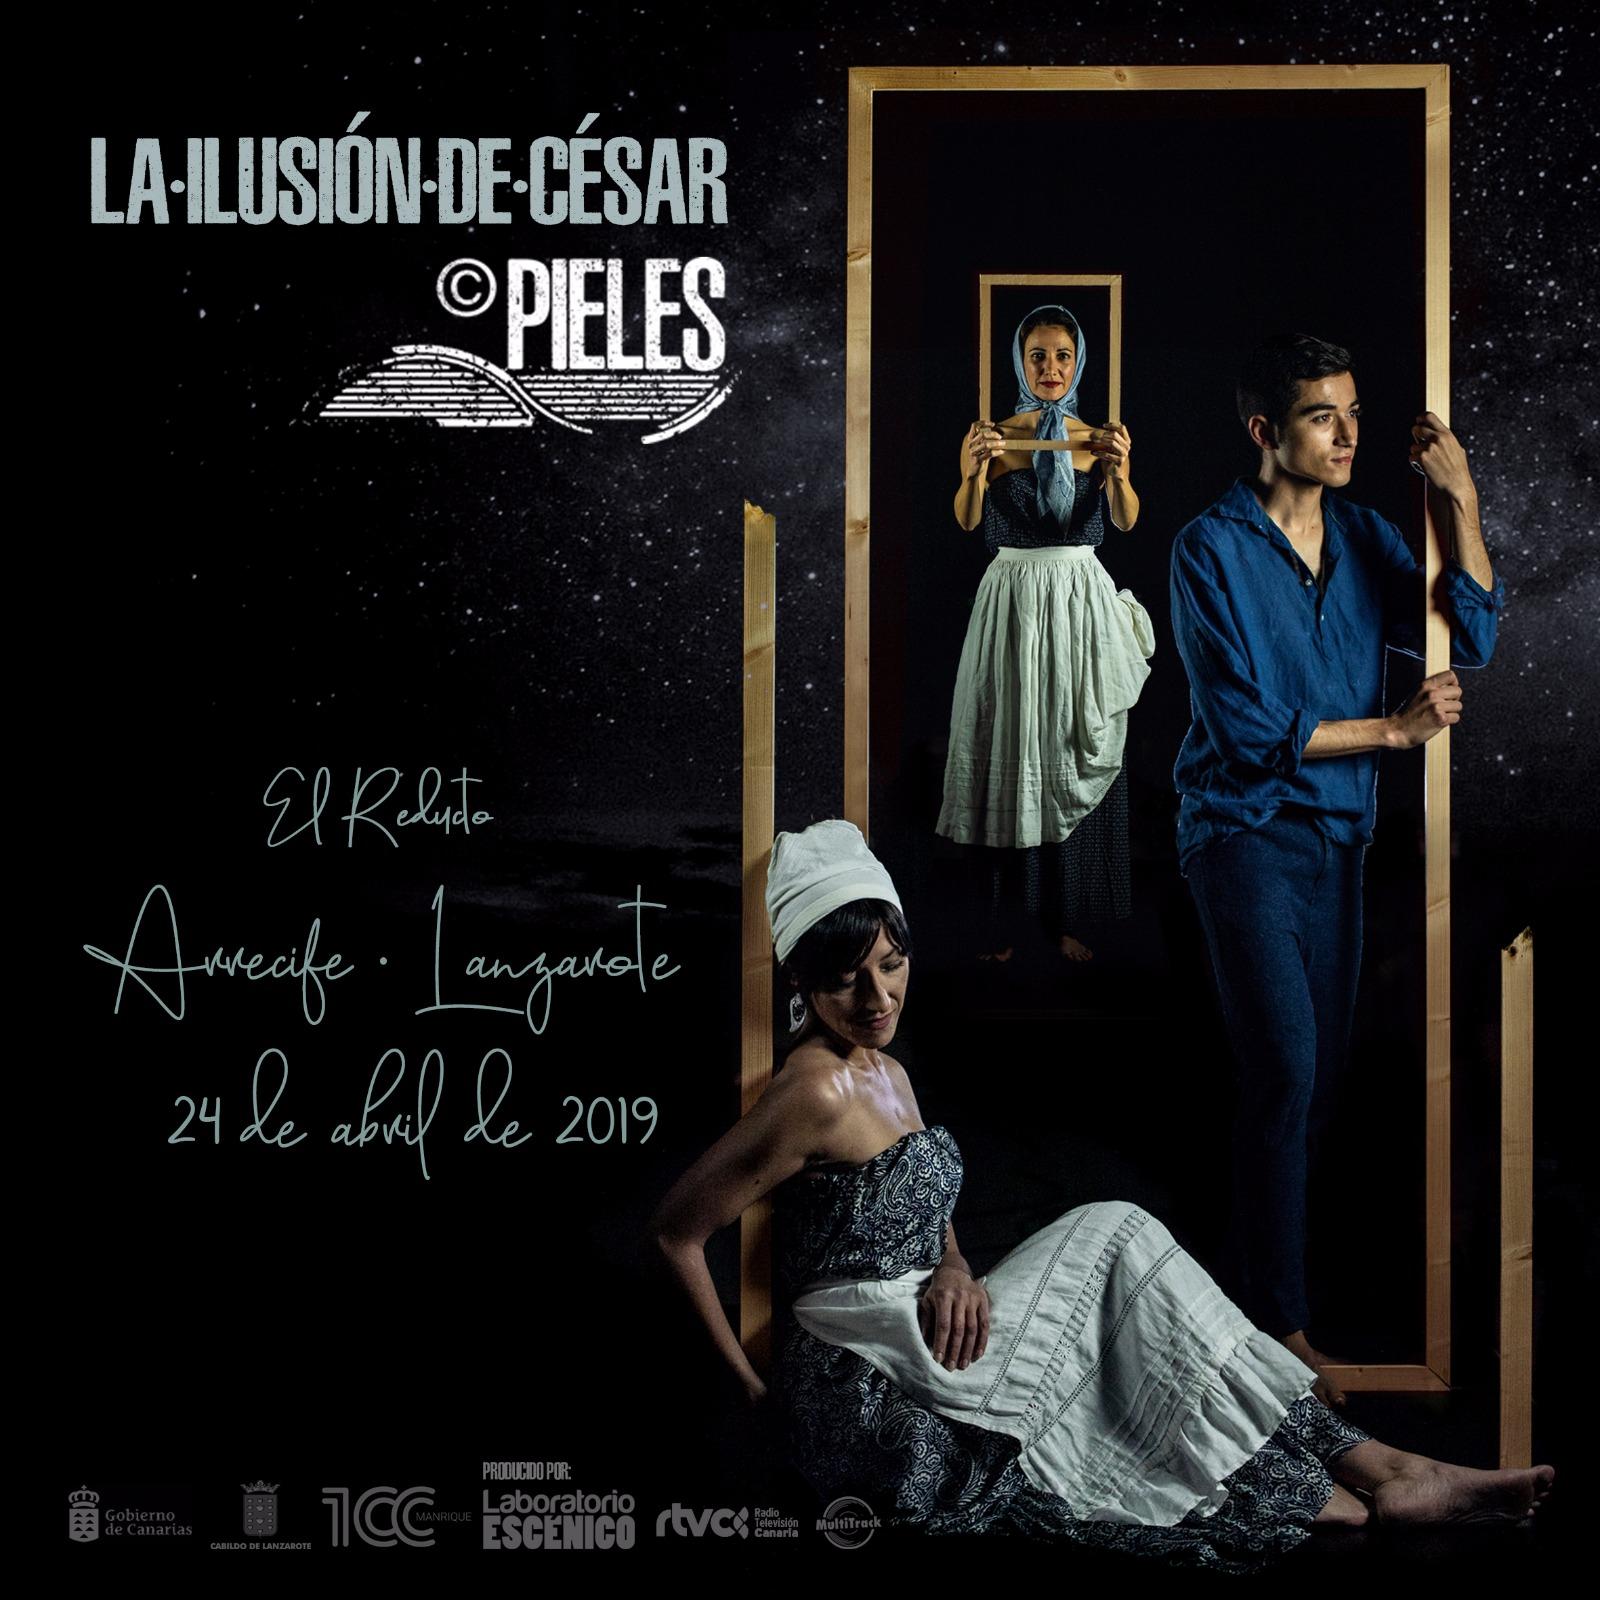 La compañía Pieles desvelará 'La ilusión de César' este miércoles 24 de abril en la Playa de El Reducto